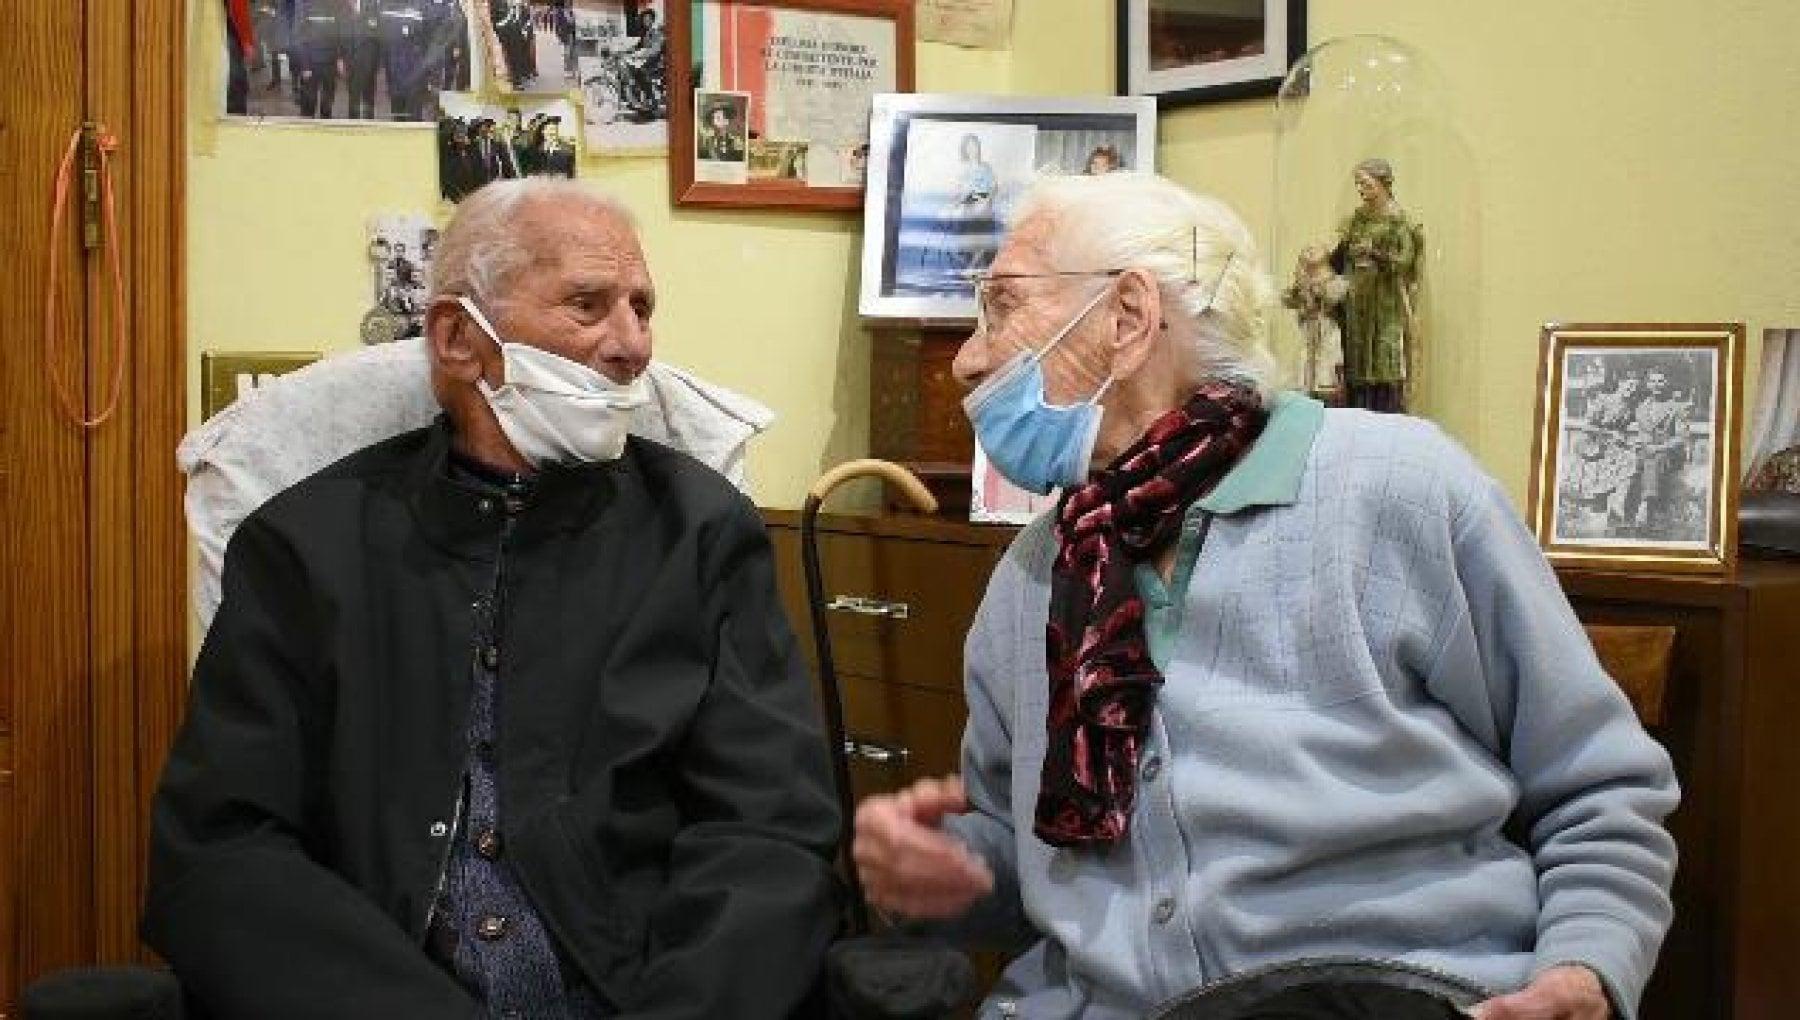 Il Covid spinge la silver economy il 508 dei pensionati ha aiutato in questi mesi figli e nipoti